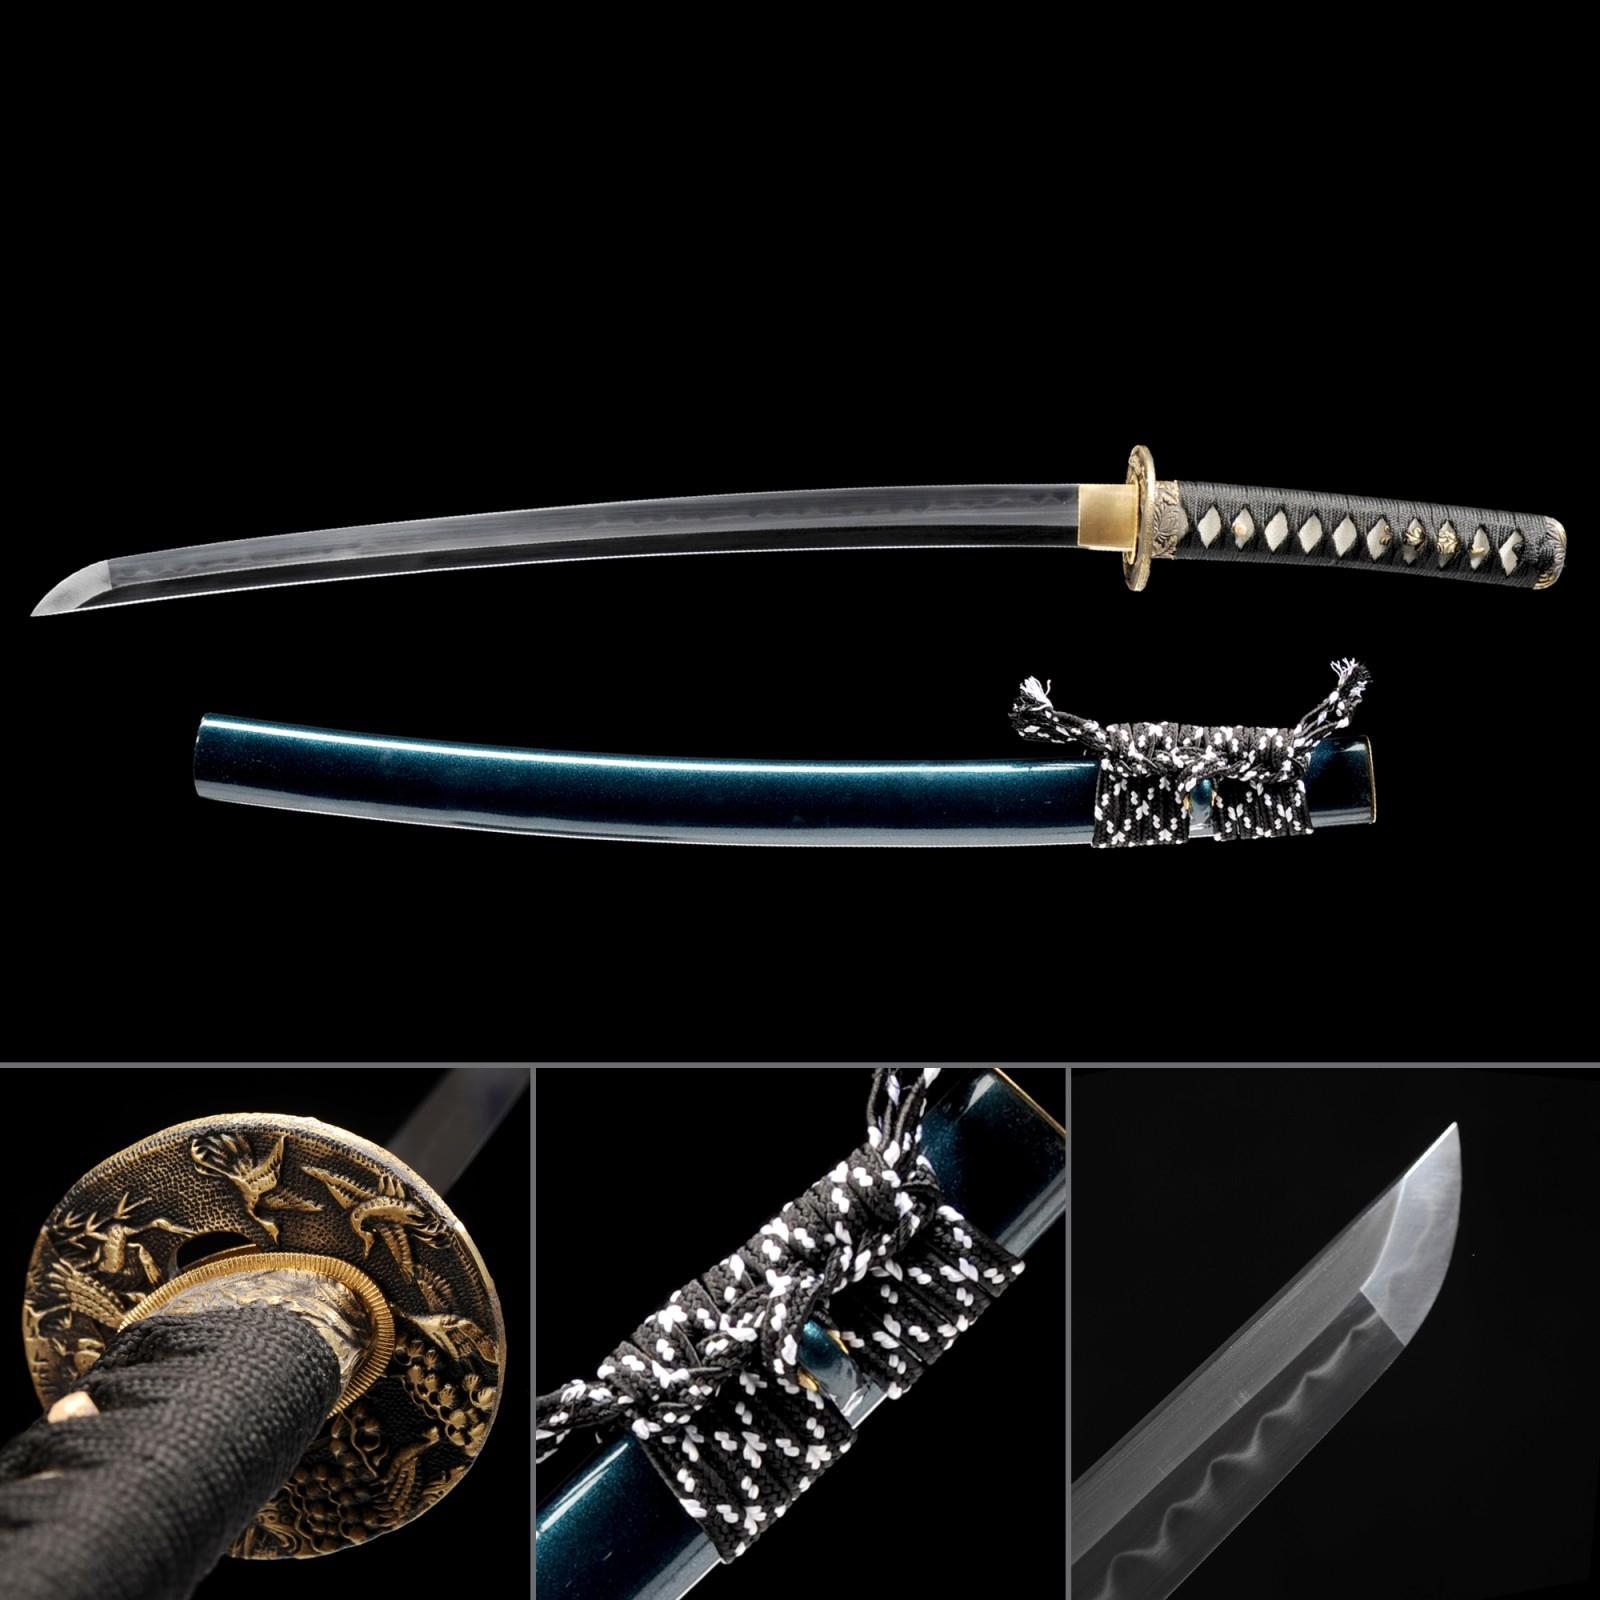 Short Katana, Handmade Wakizashi Sword T10 Folded Clay Tempered Steel With Blue Scabbard